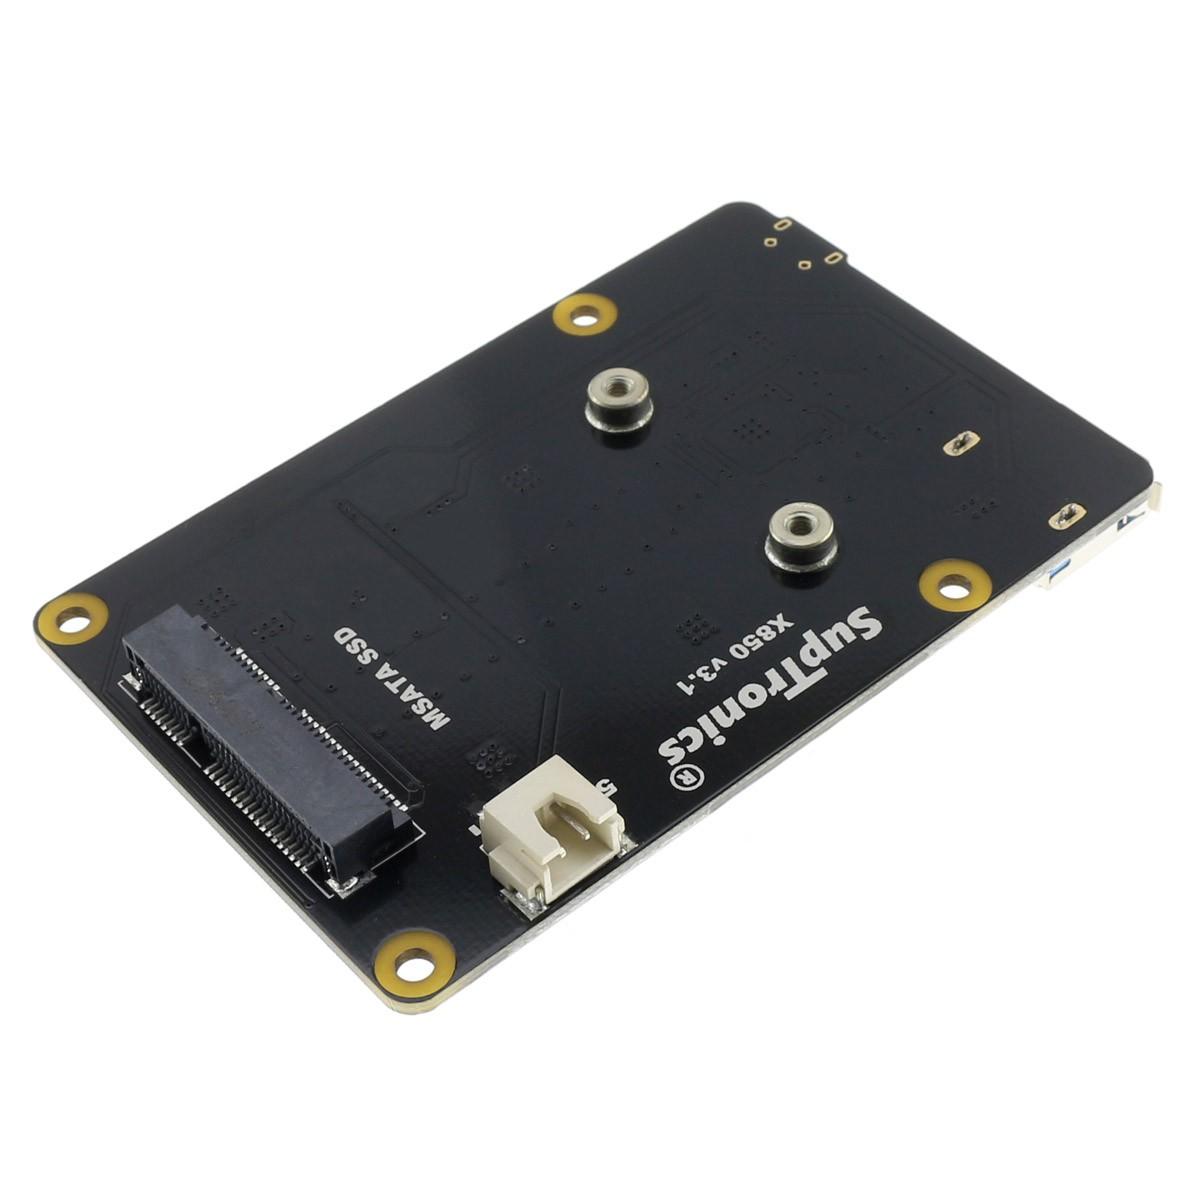 SUPTRONICS X850 V3.1 USB mSATA SSD Controller for Raspberry Pi